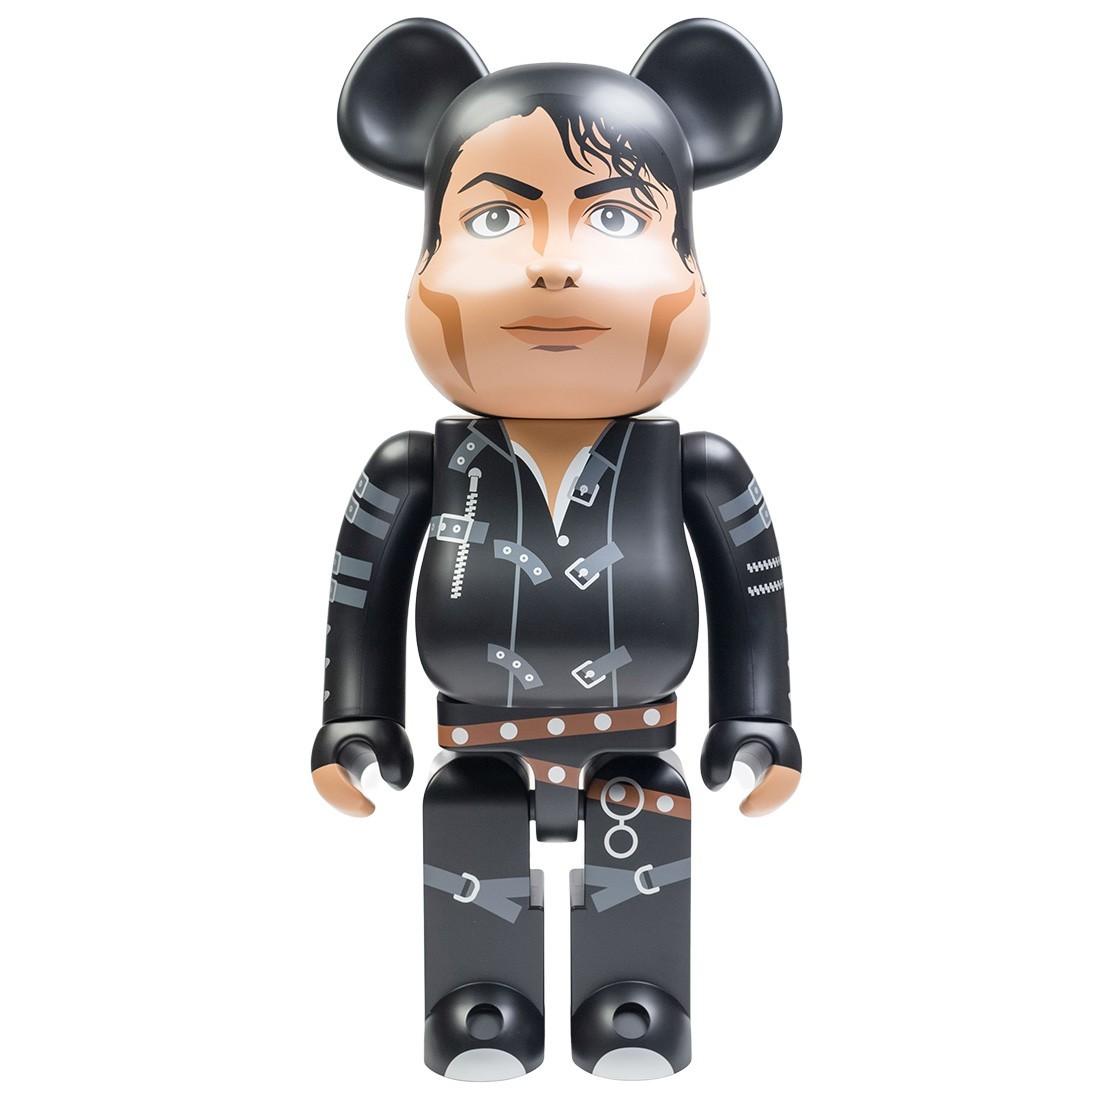 Medicom Michael Jackson BAD 1000% Bearbrick Figure (black)